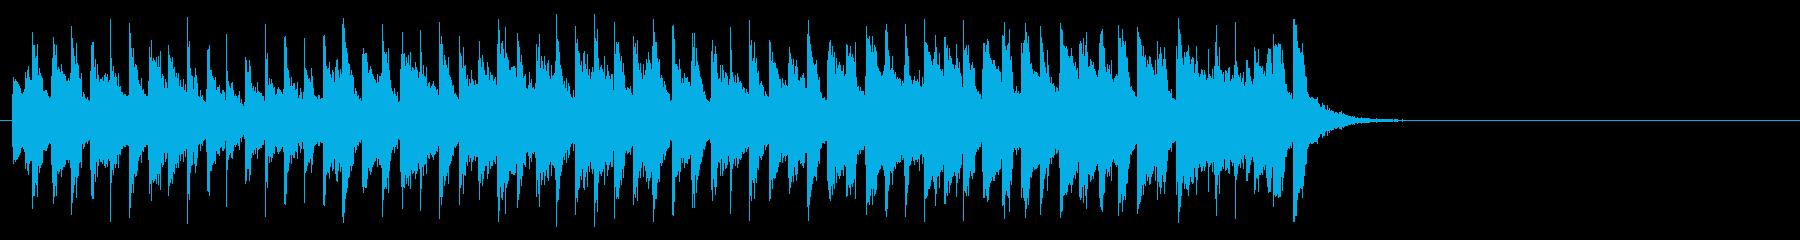 おどけた軽快なポップ(サビ)の再生済みの波形